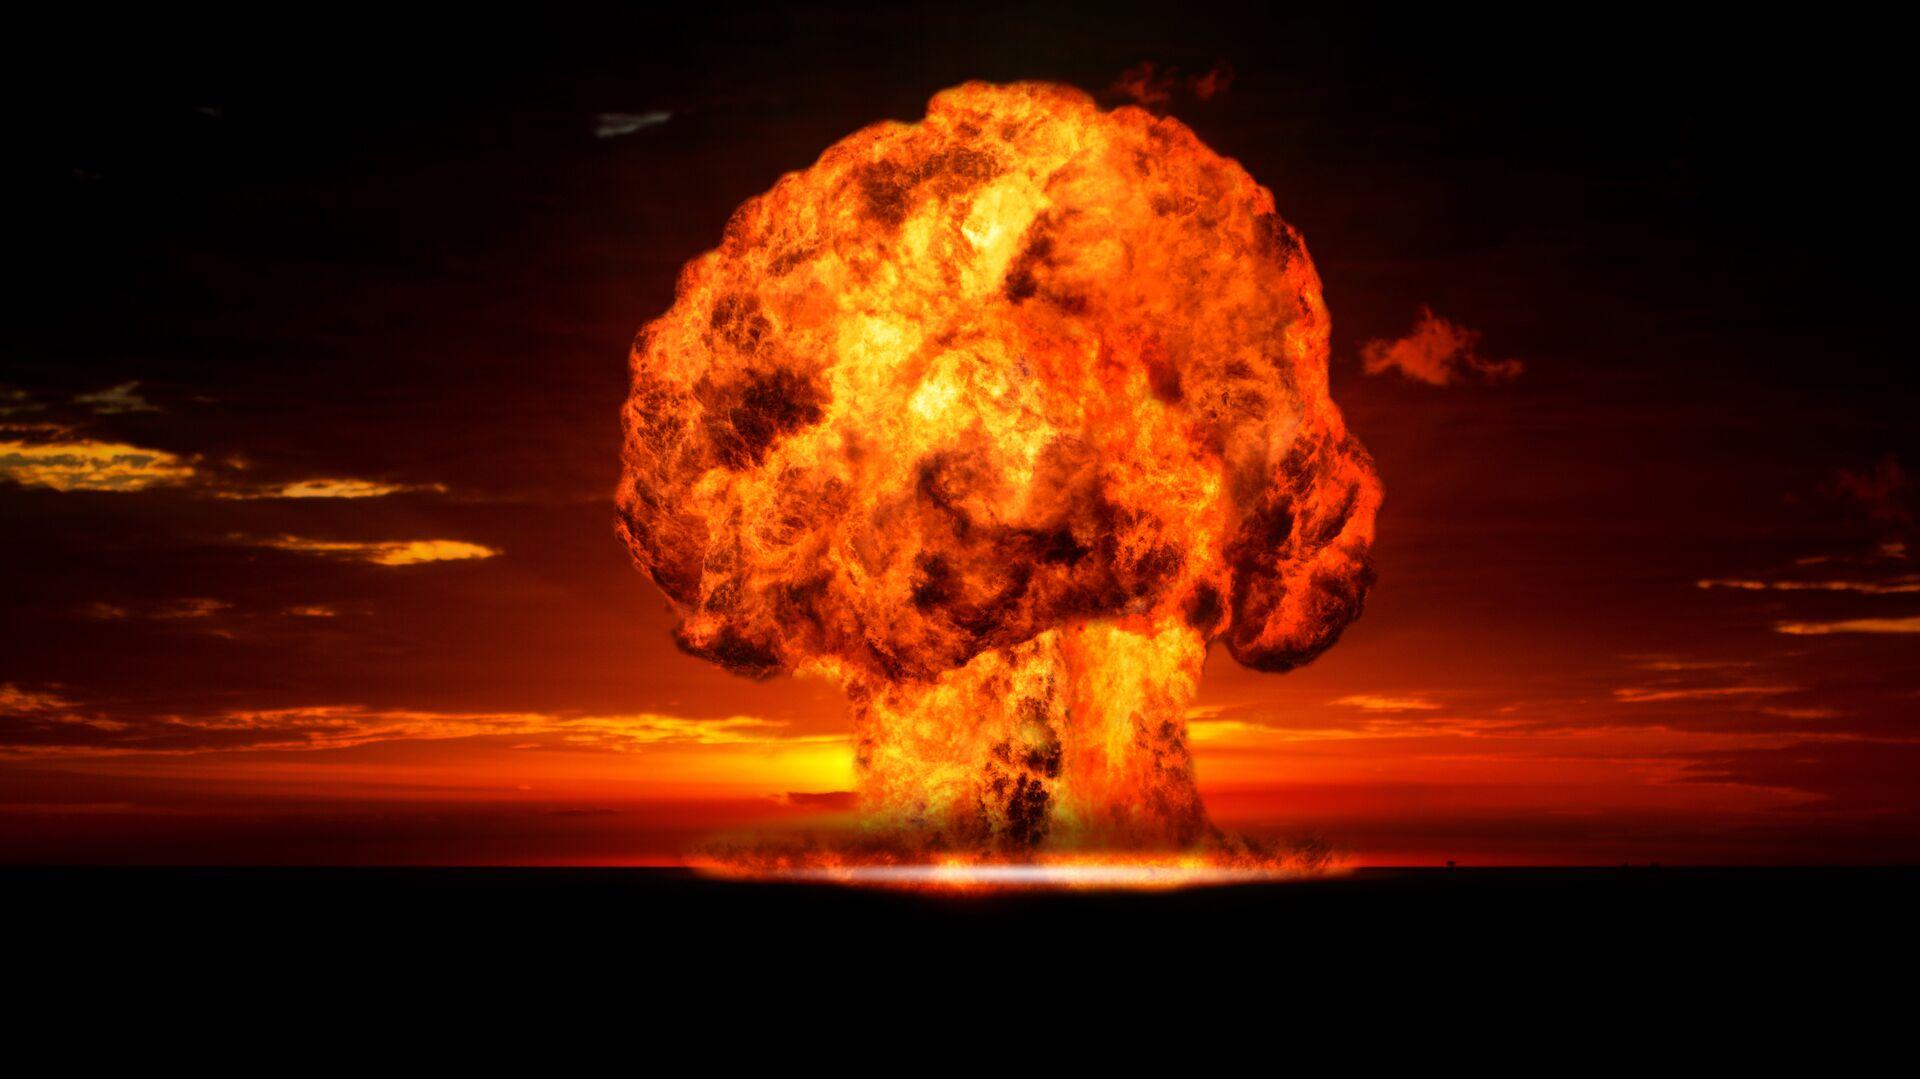 Ядерный взрыв - РИА Новости, 1920, 07.08.2020